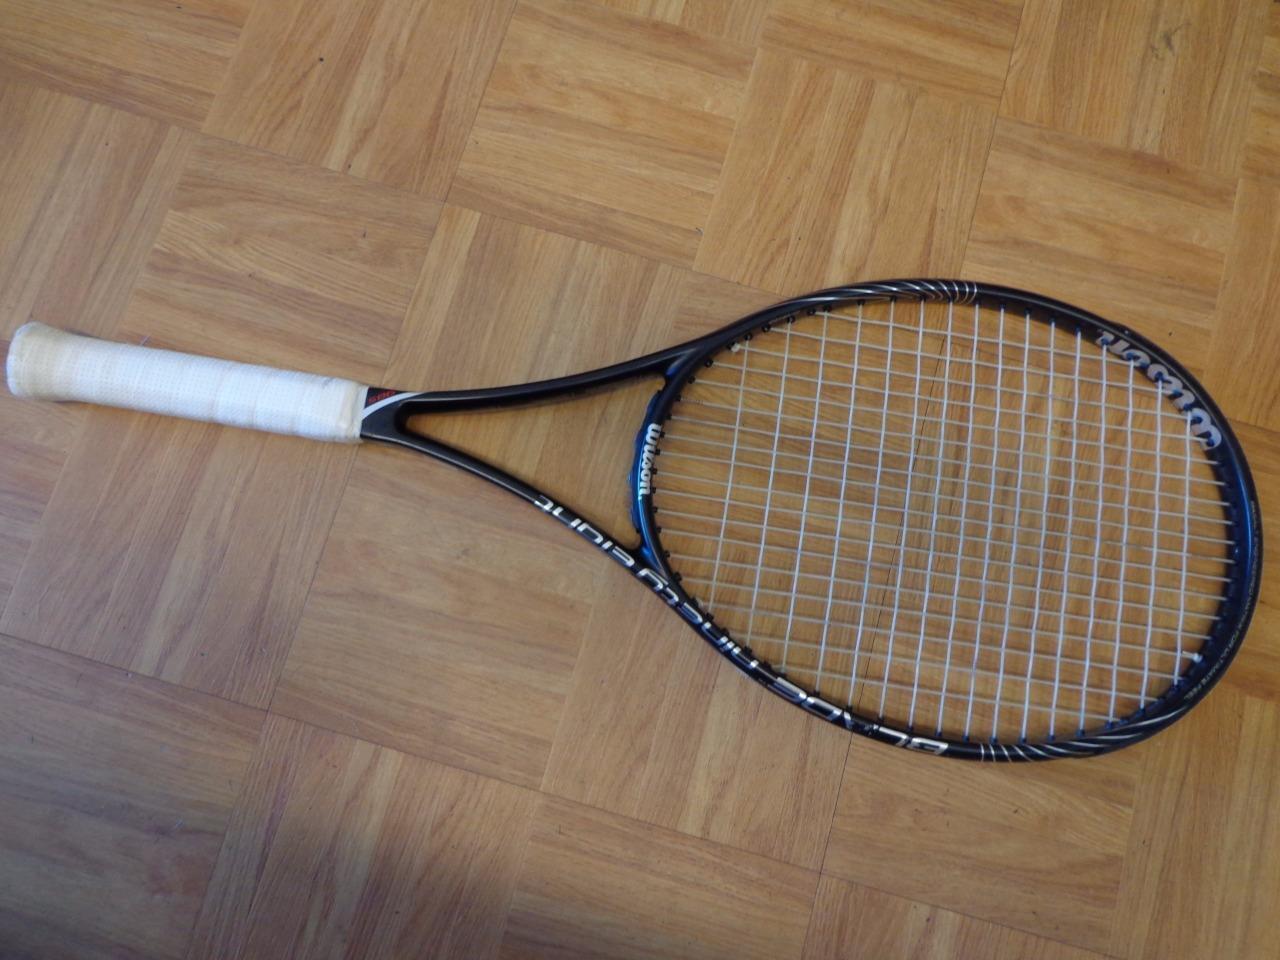 Wilson 2014 Blade 98S Spin Effect 4 3 8 grip Excellent shape Tennis Racquet